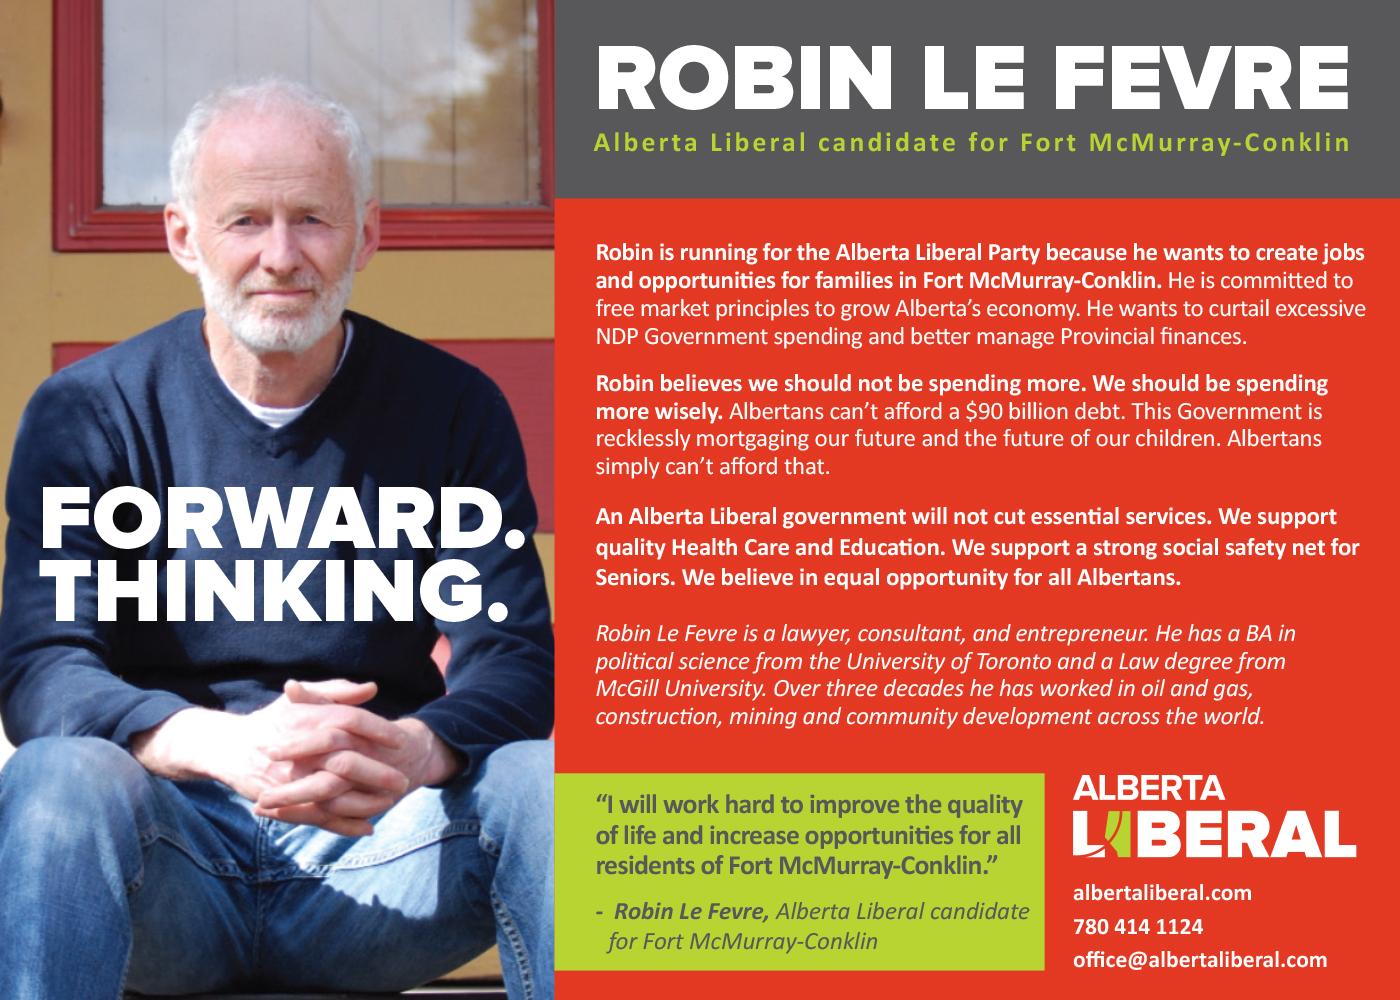 Robin_LeFevre_AB_Lib_Fort_McMurray_v6-1.jpg